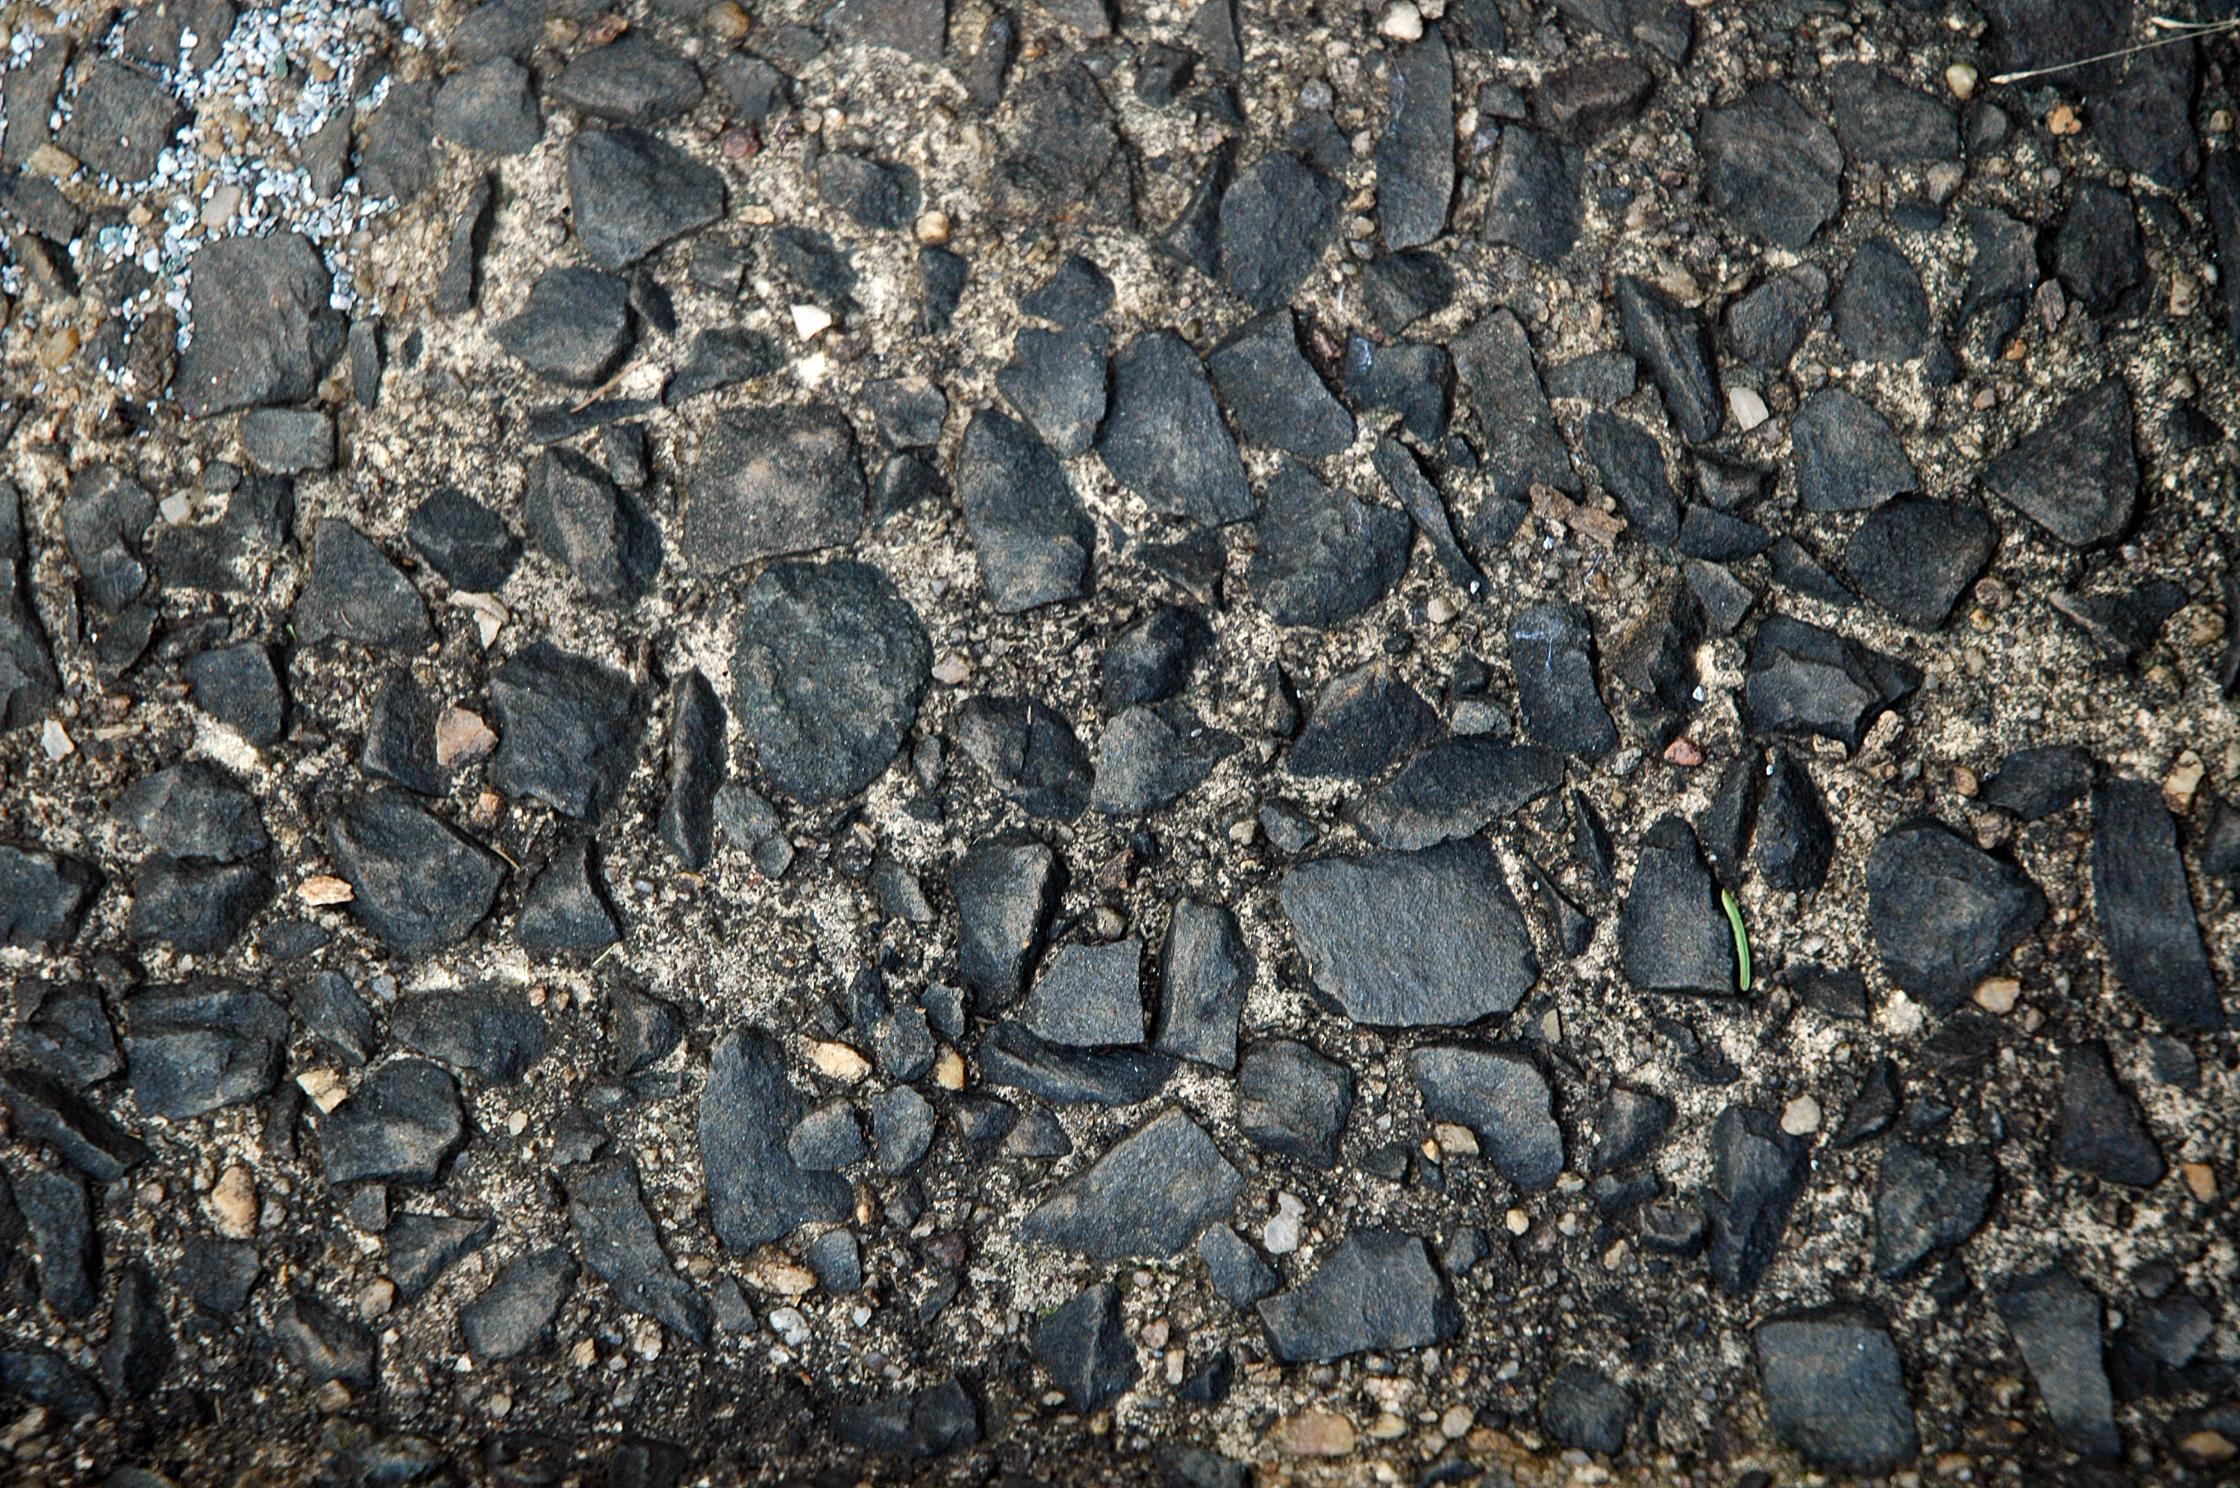 Imagenes de piedras en alta resolución - Fotos y texturas